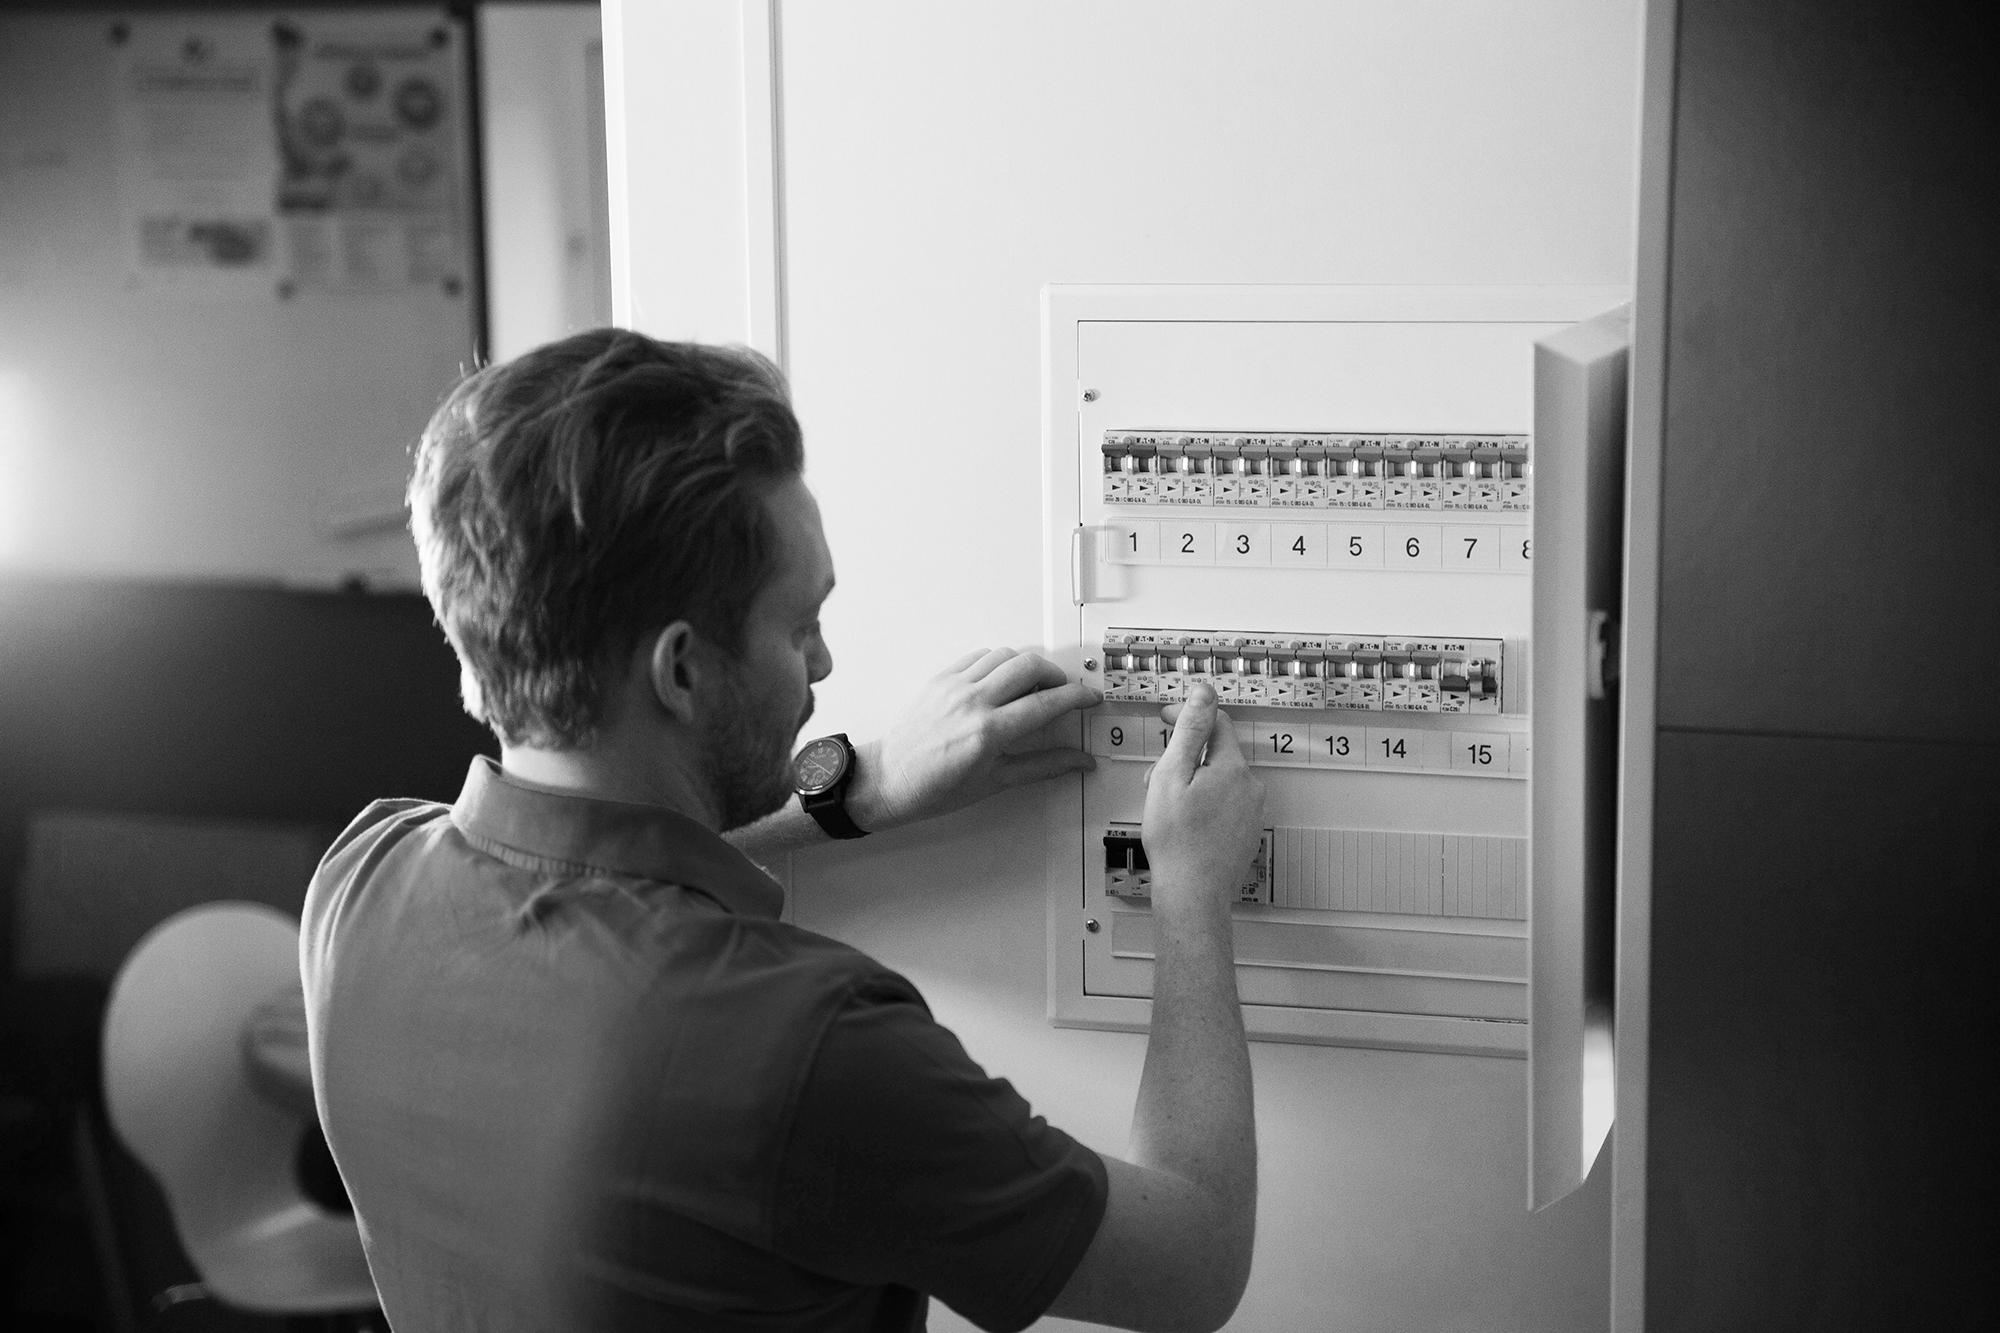 Stoltelektro_prosjektering mann i sikringsboks_foto